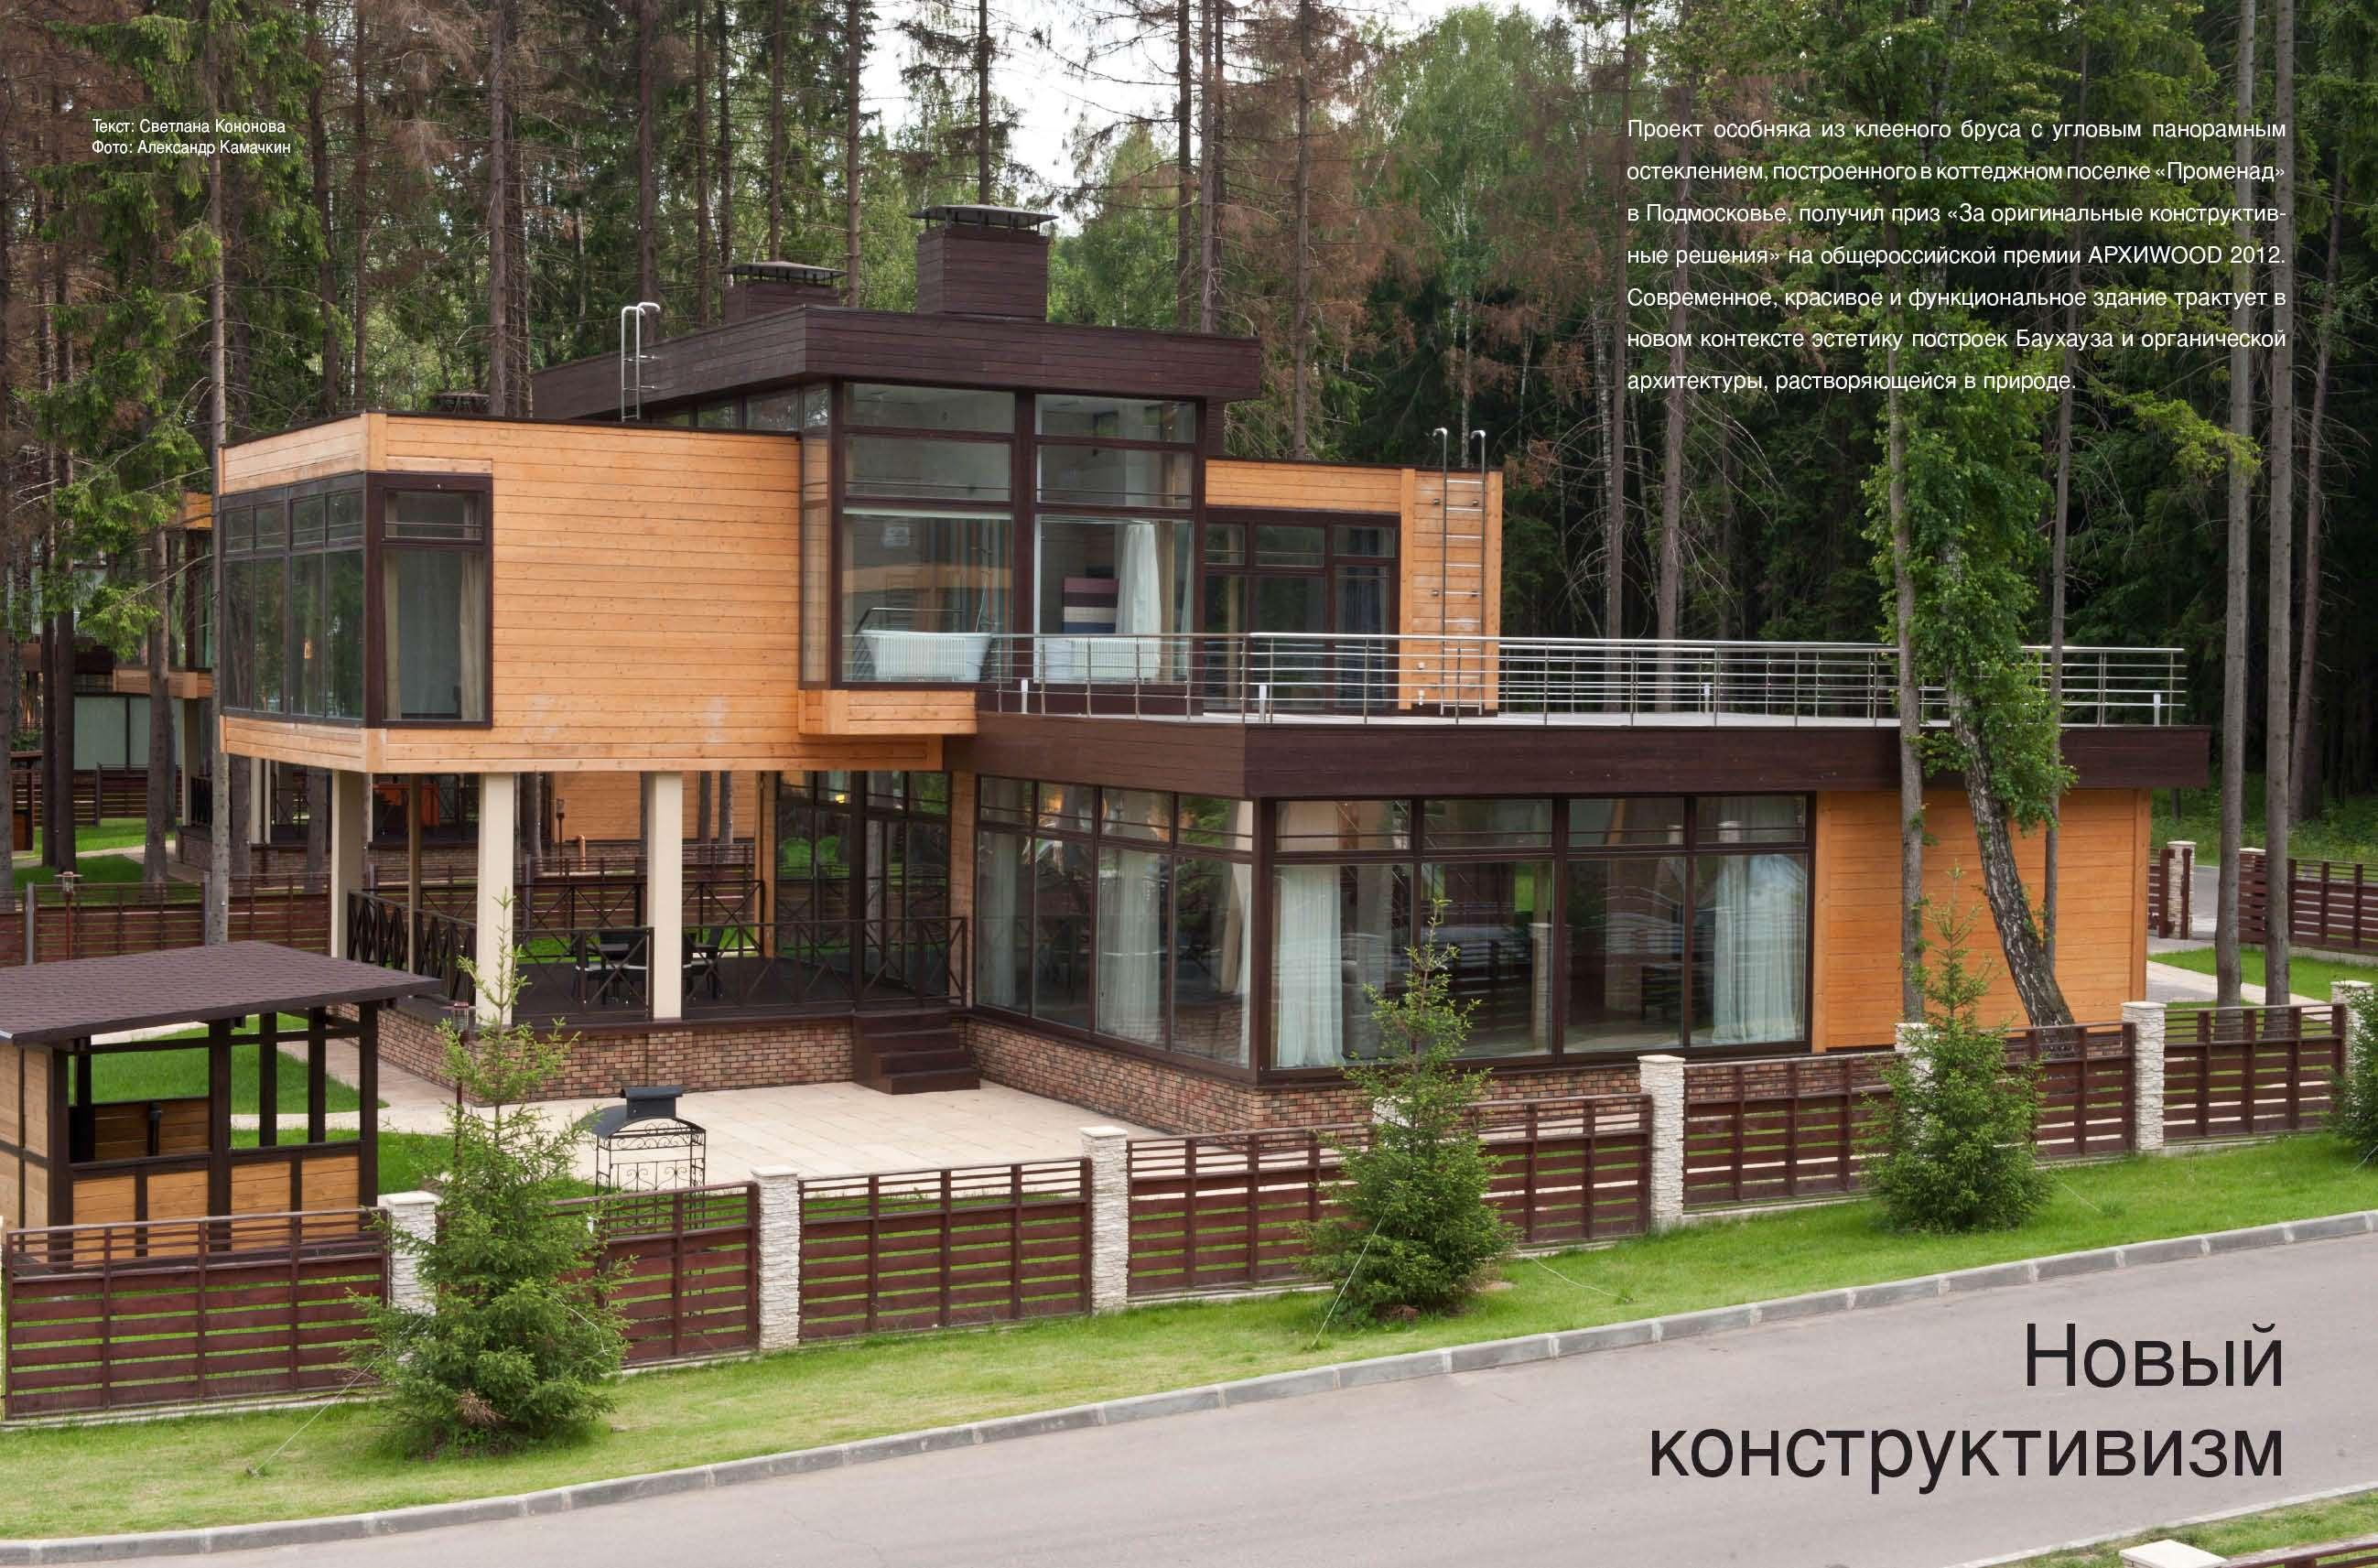 зиму продажа каркасных домов с понорамными окнами воронеж что российские оптики